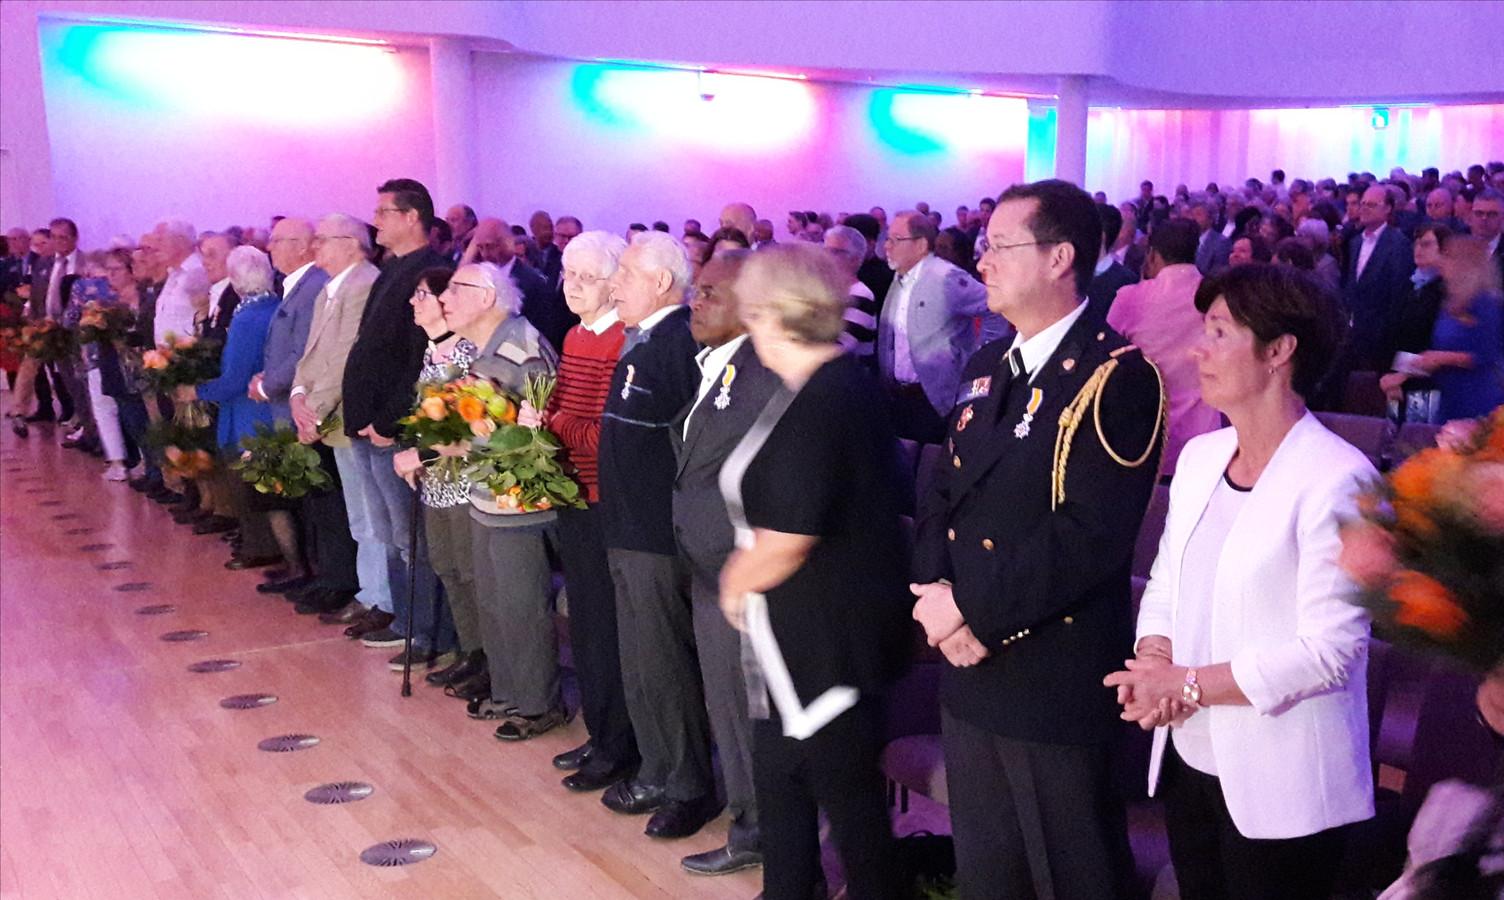 De gedecoreerden van Tilburg en hun partners zaten in de Concertzaal op de eerste rij.